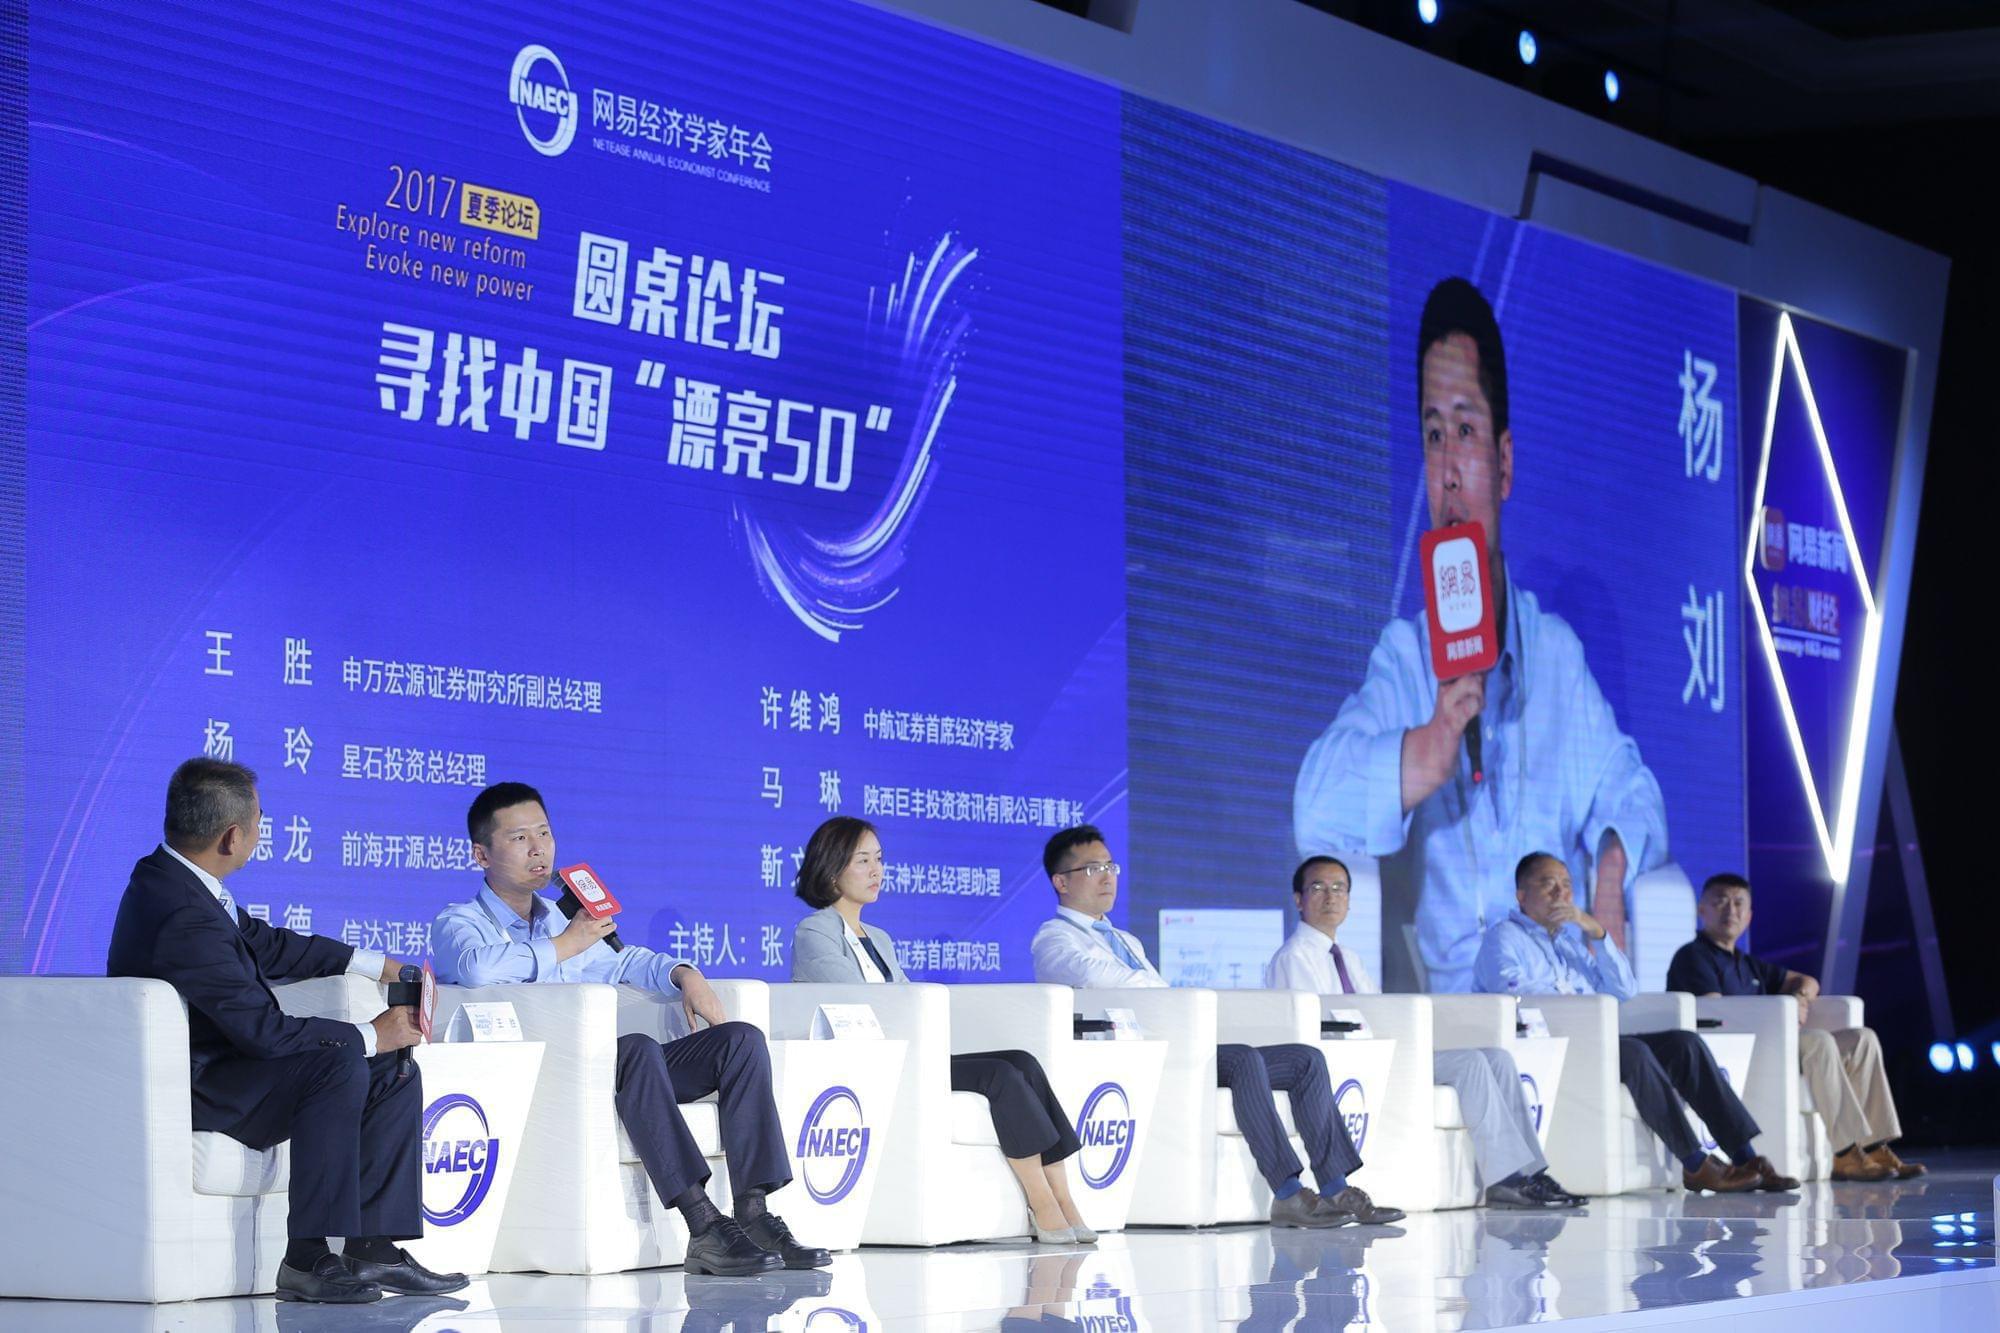 """王胜:中国所谓的""""漂亮50""""其实是全球牛市一部分"""